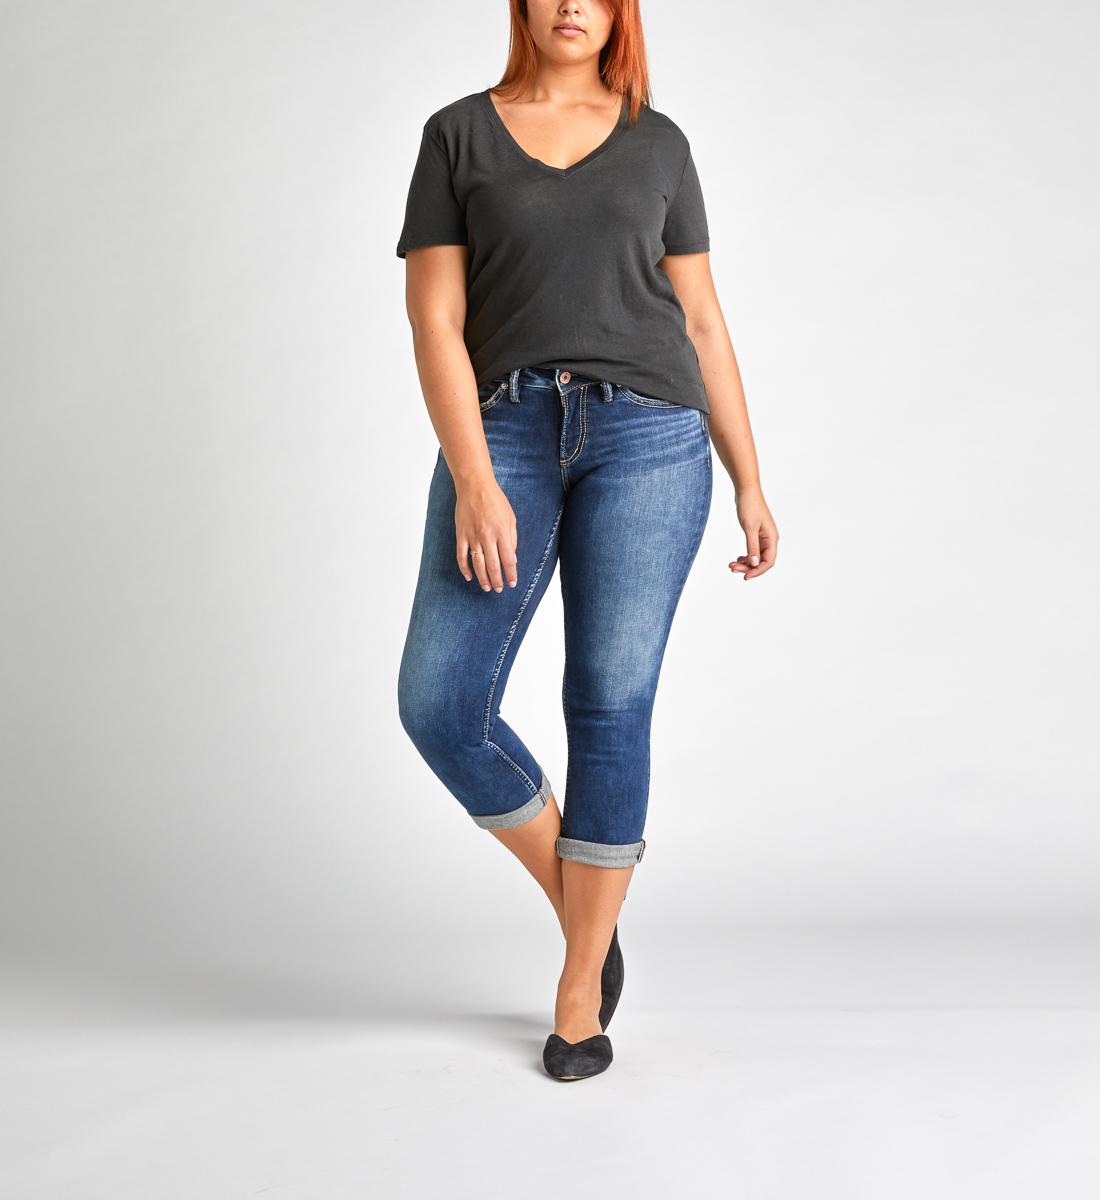 83659dc1c22877 Suki Mid Rise Capri - Silver Jeans US